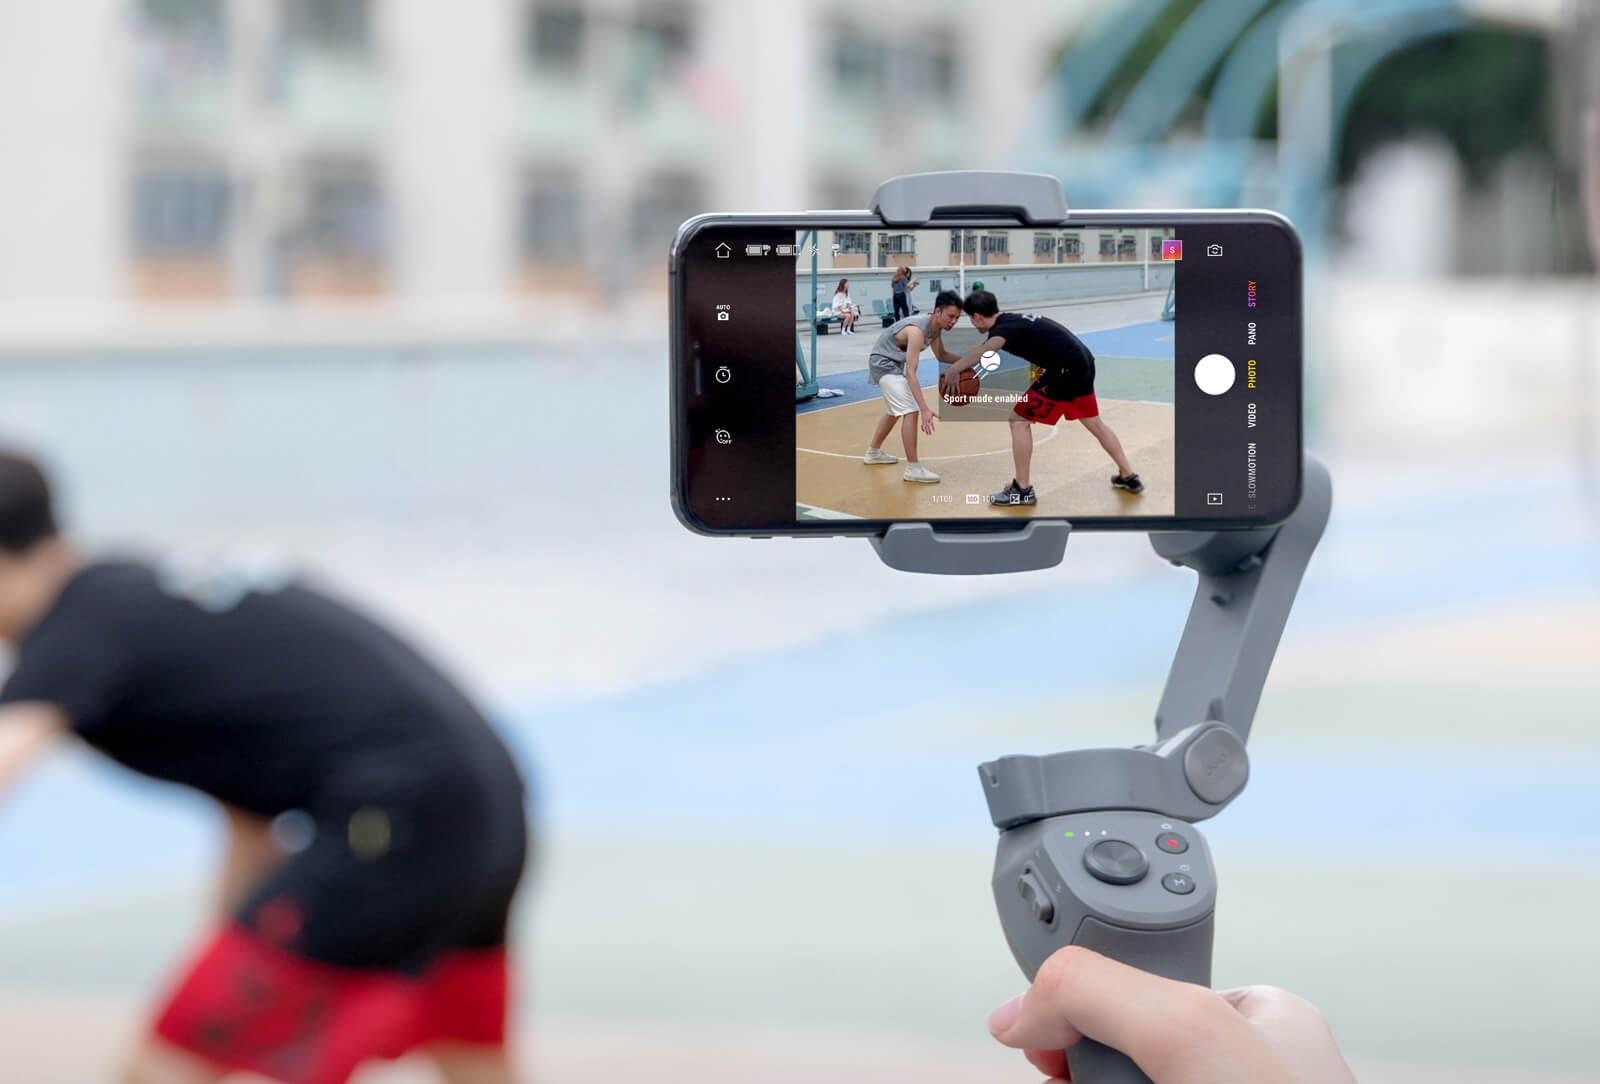 DJI משיקה בישראל את הגימבל המתקפל Osmo Mobile 3